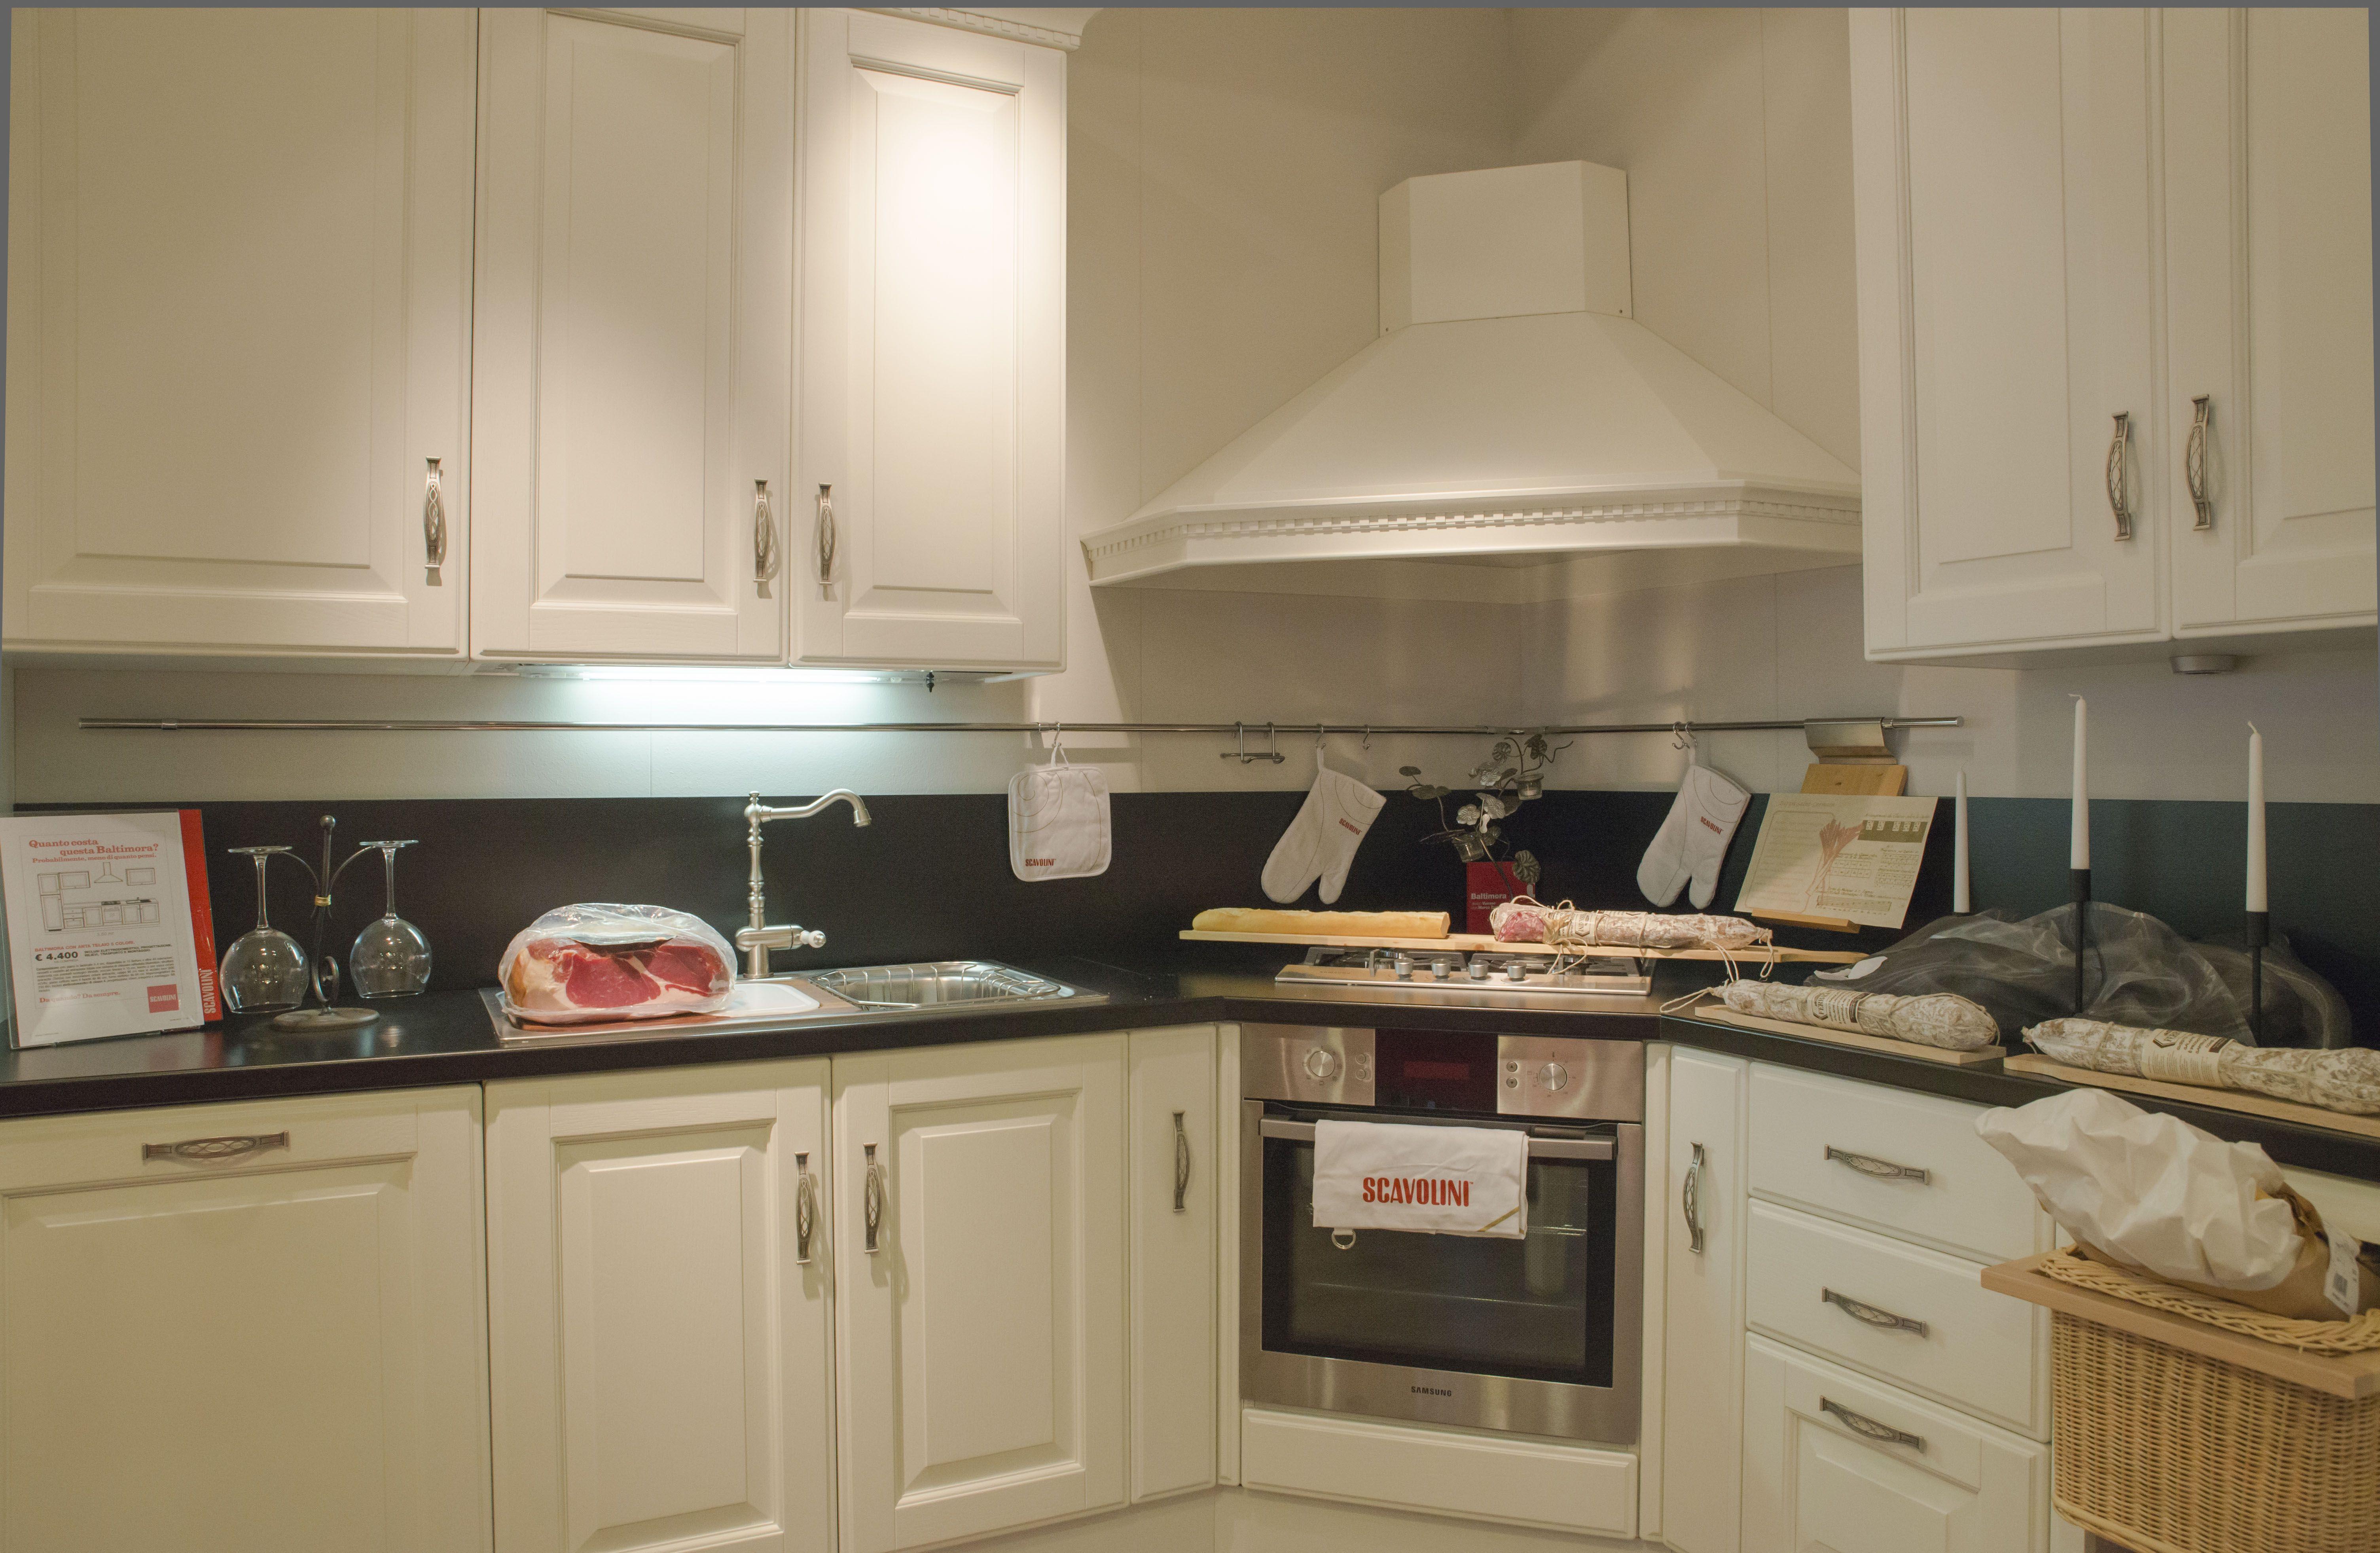 Cucine classiche scavolini composizione ad angolo cucine pinterest cucine - Cucine classiche scavolini ...